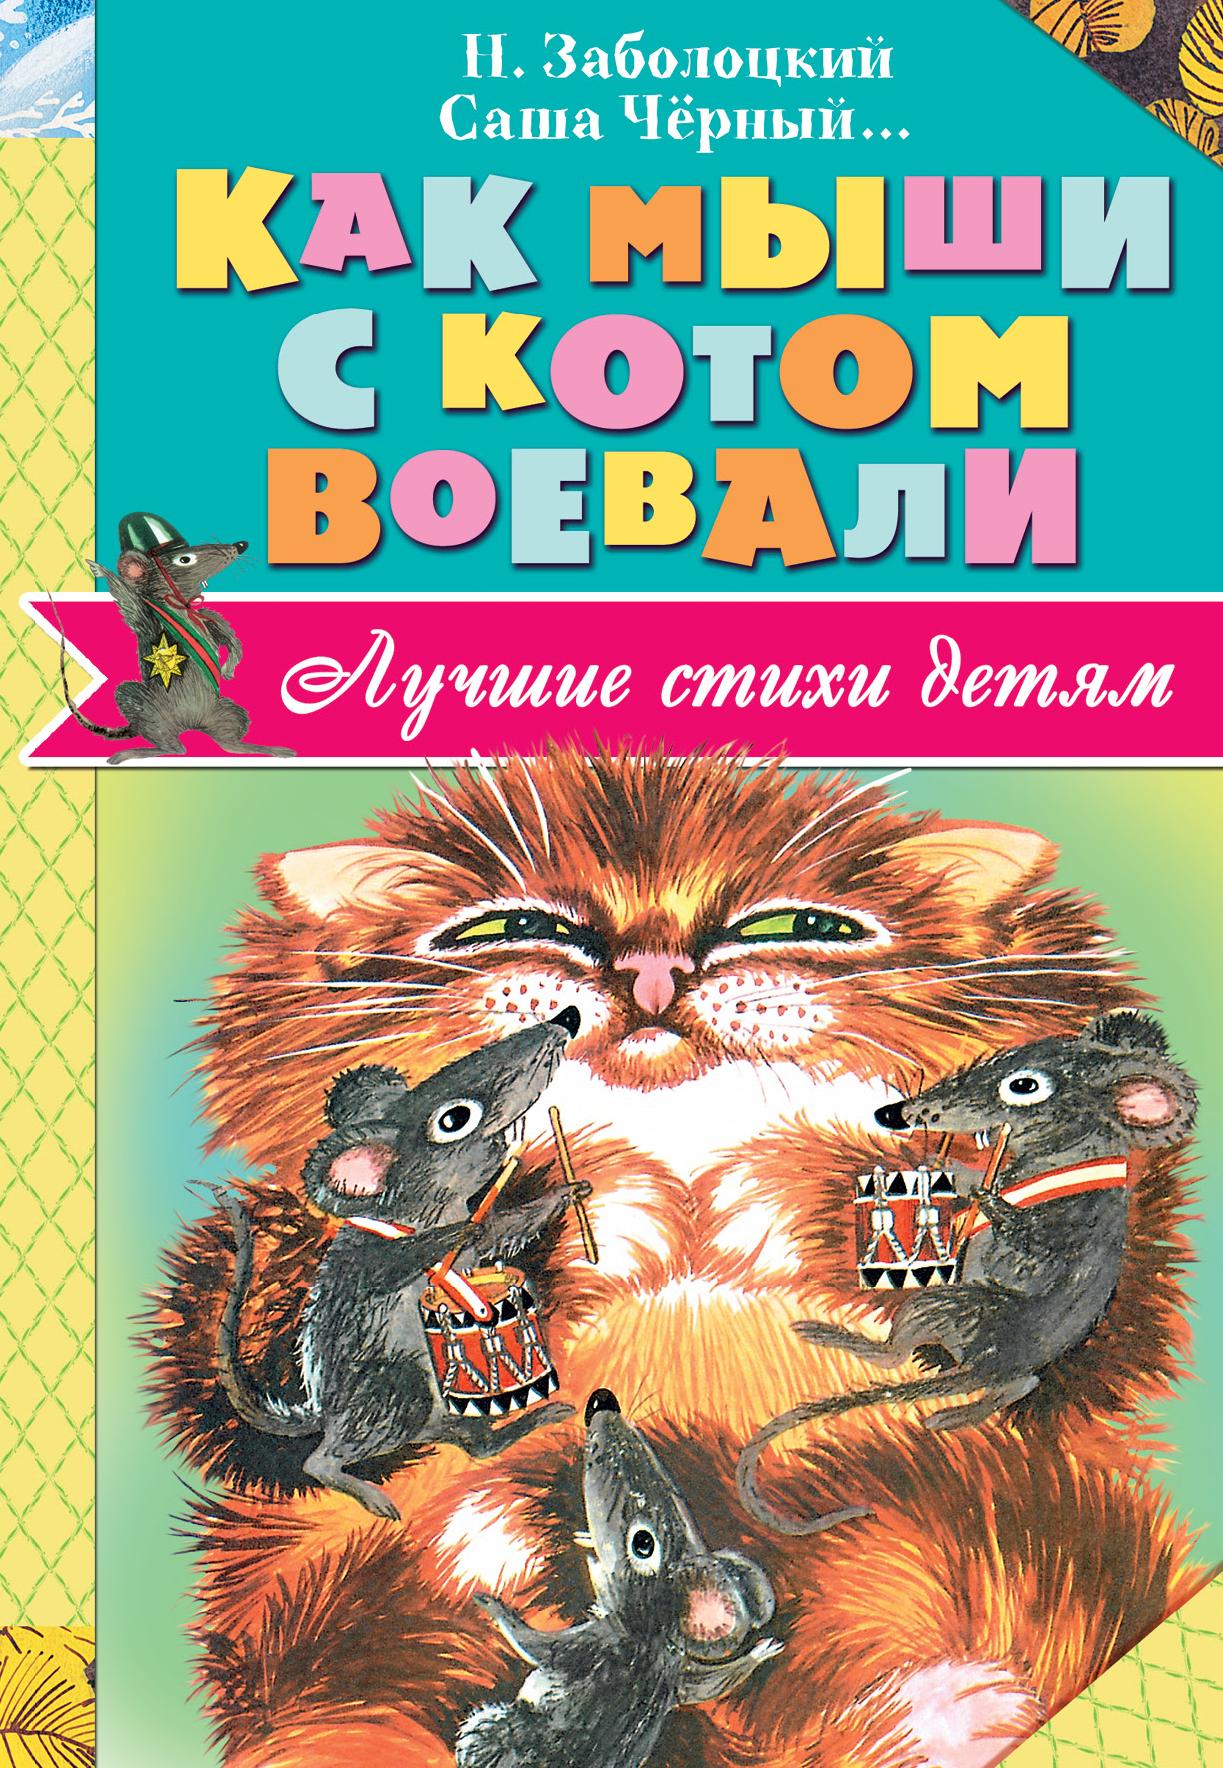 Н. Заболоцкий, Саша Чёрный, Ю. Владимиров, А. Введенский Как мыши с котом воевали